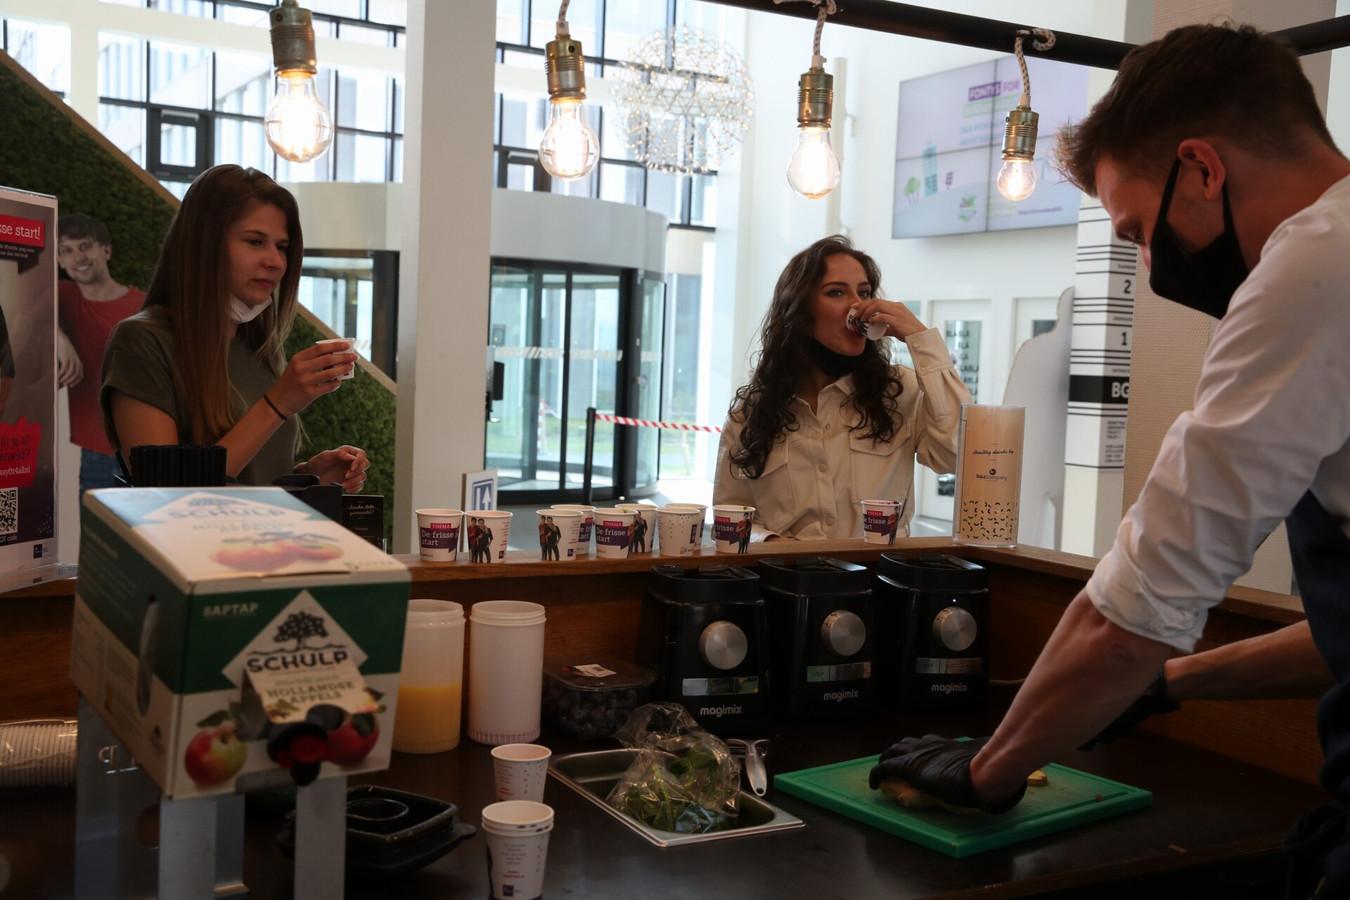 Tweedejaars studenten Lara Coumans (links) en Lisanne Drinhuyzen drinken een smoothie in de hal van de Fontys-opleidingen economie en communicatie.